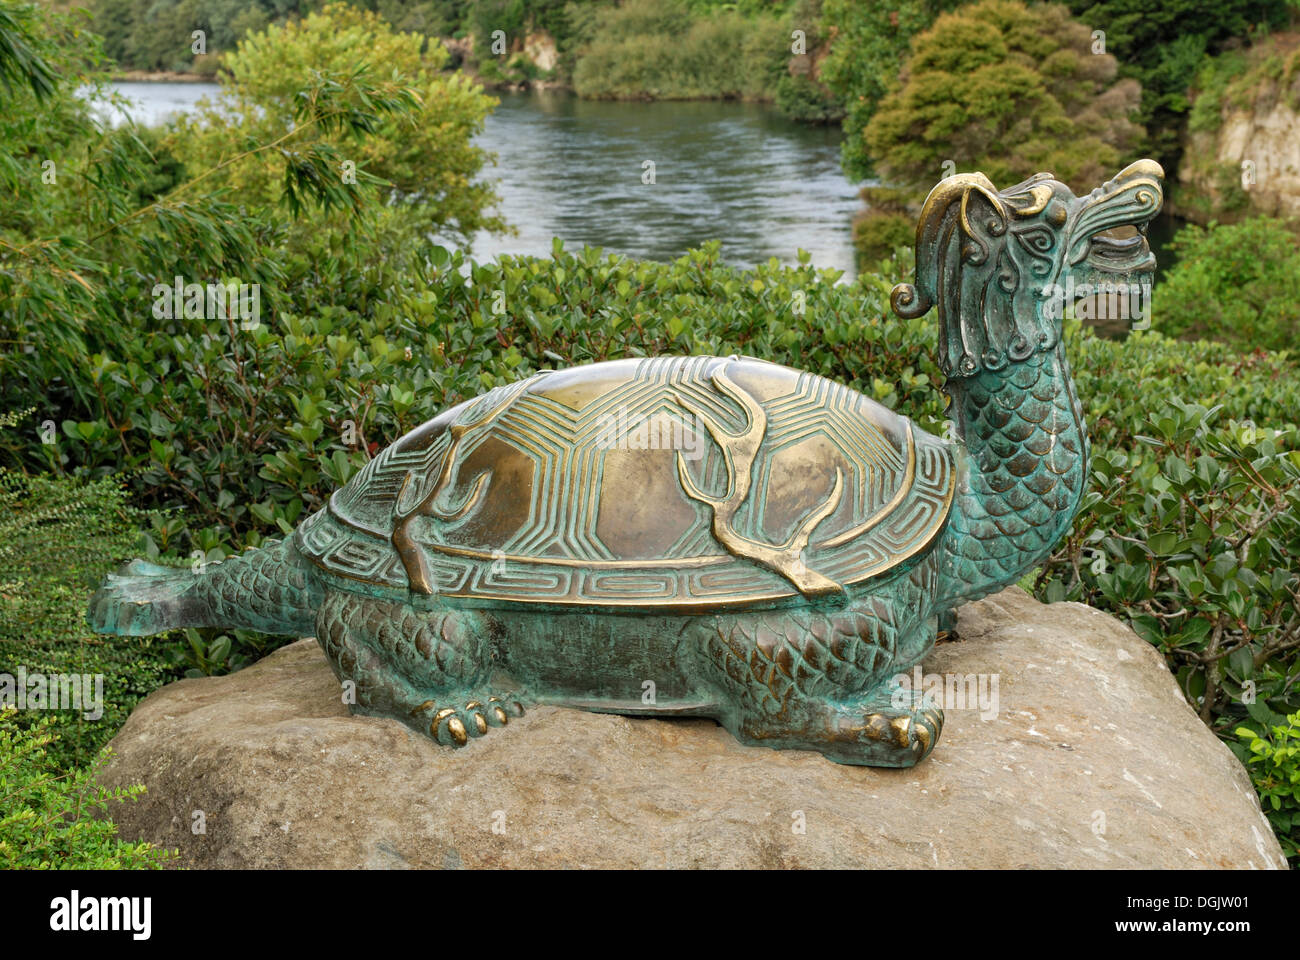 Tortugas de bronce, criaturas míticas, jardín japonés de contemplación, jardines Hamilton en el río Waikato, Hamilton Imagen De Stock